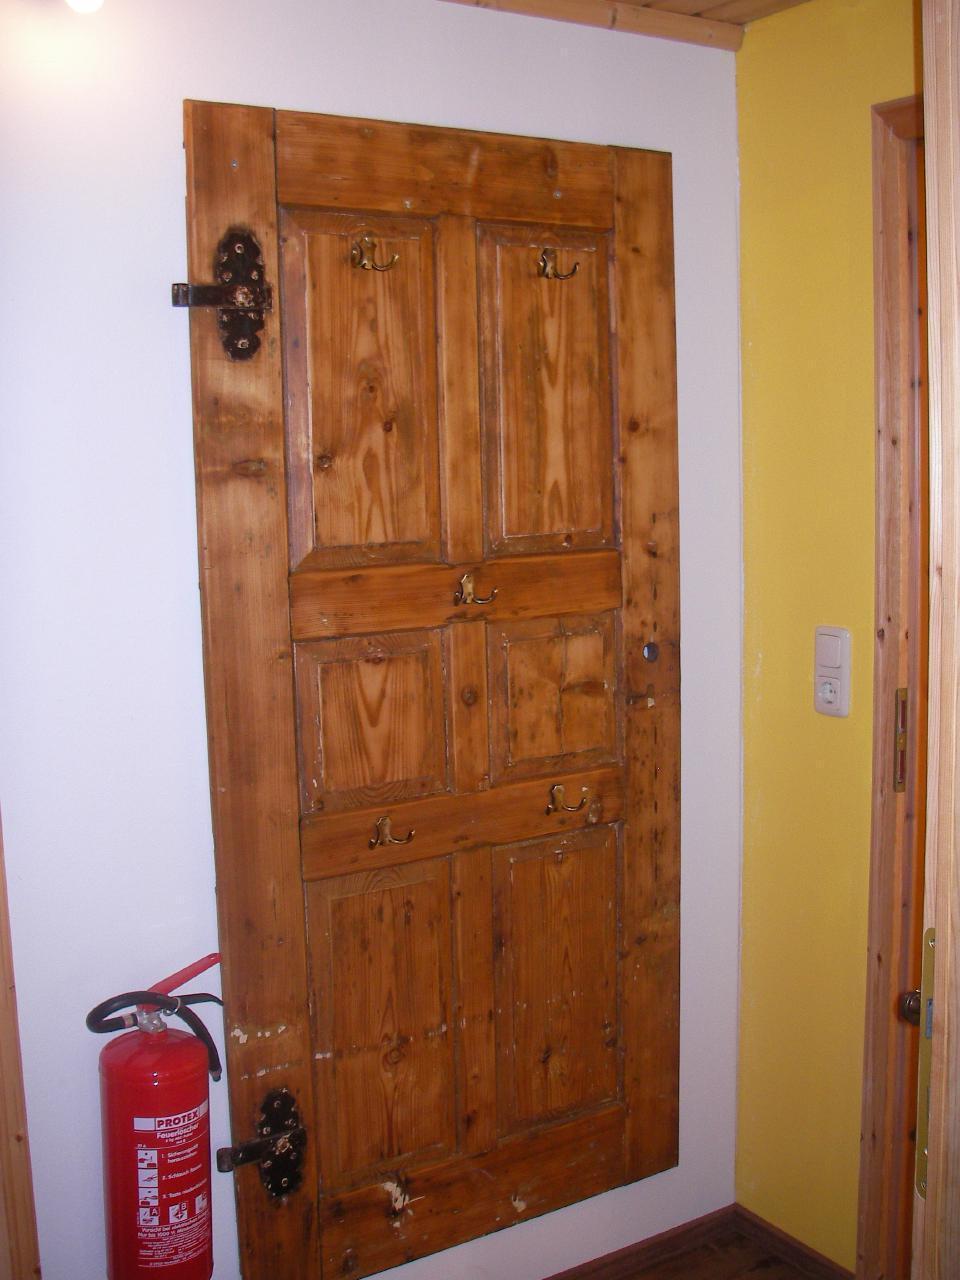 Ferienwohnung Haus Hilde Wohnung 2 (993407), Presseck, Oberfranken, Bayern, Deutschland, Bild 19